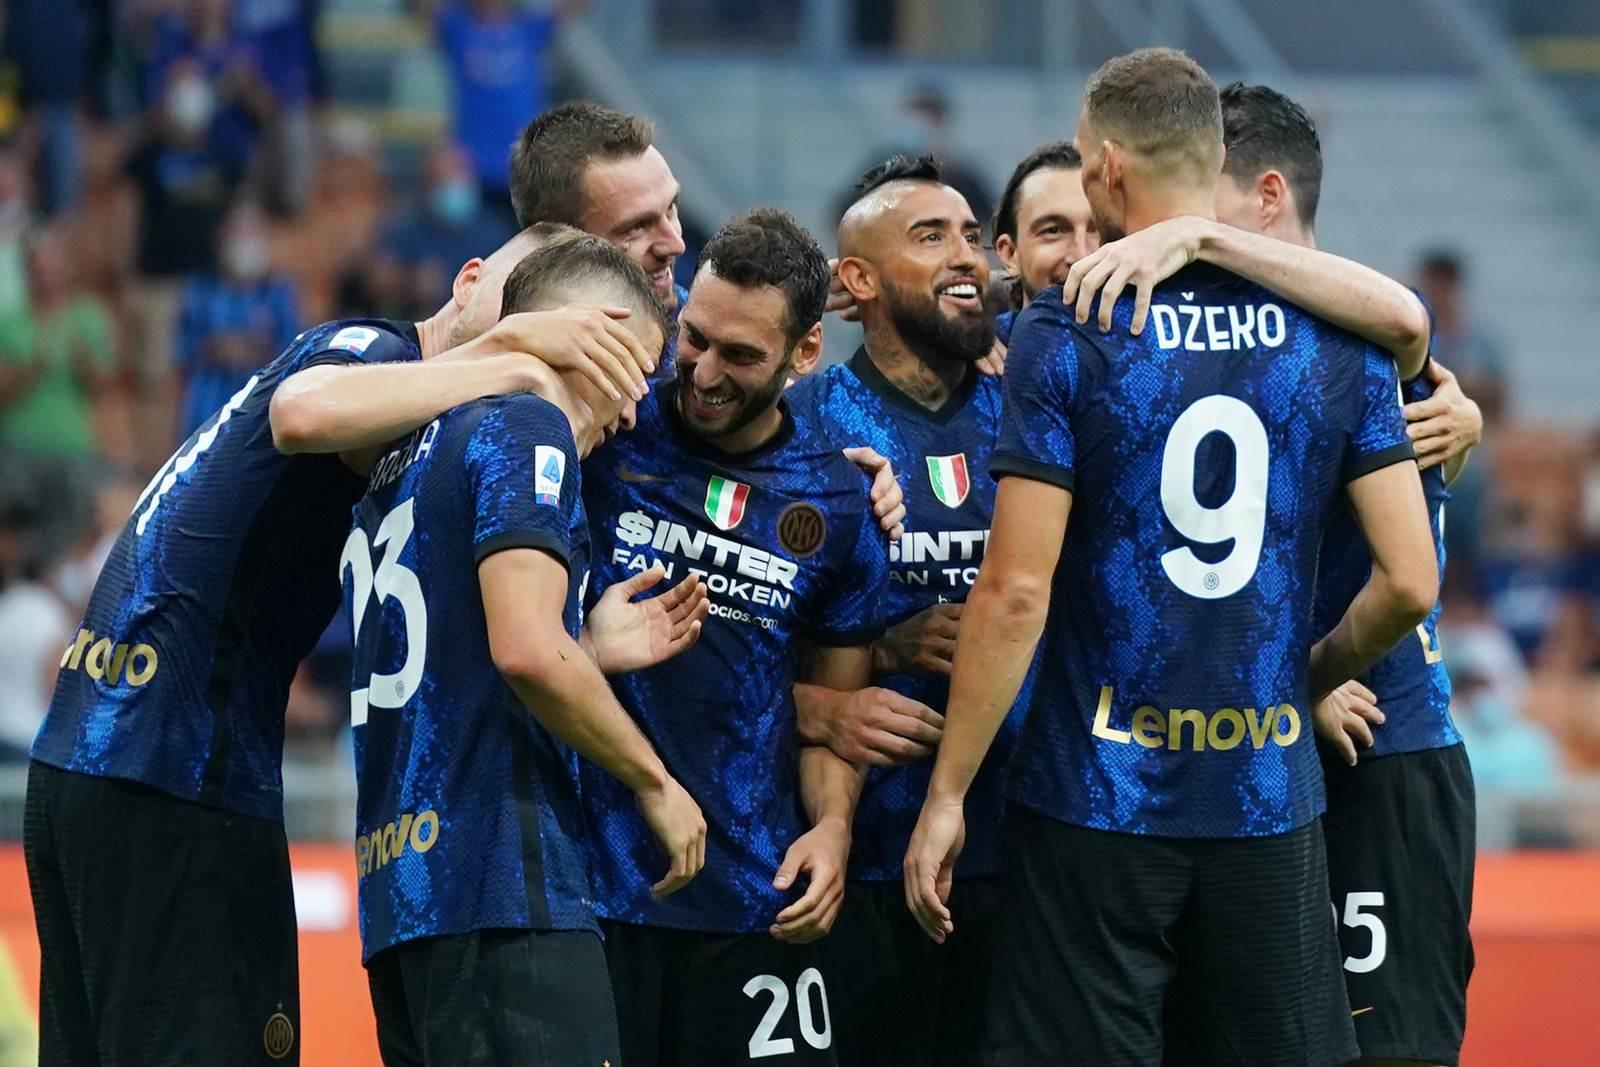 Бергоми: «С Лукаку «Интер» обыграл бы «Ювентус» со счётом 3:0»